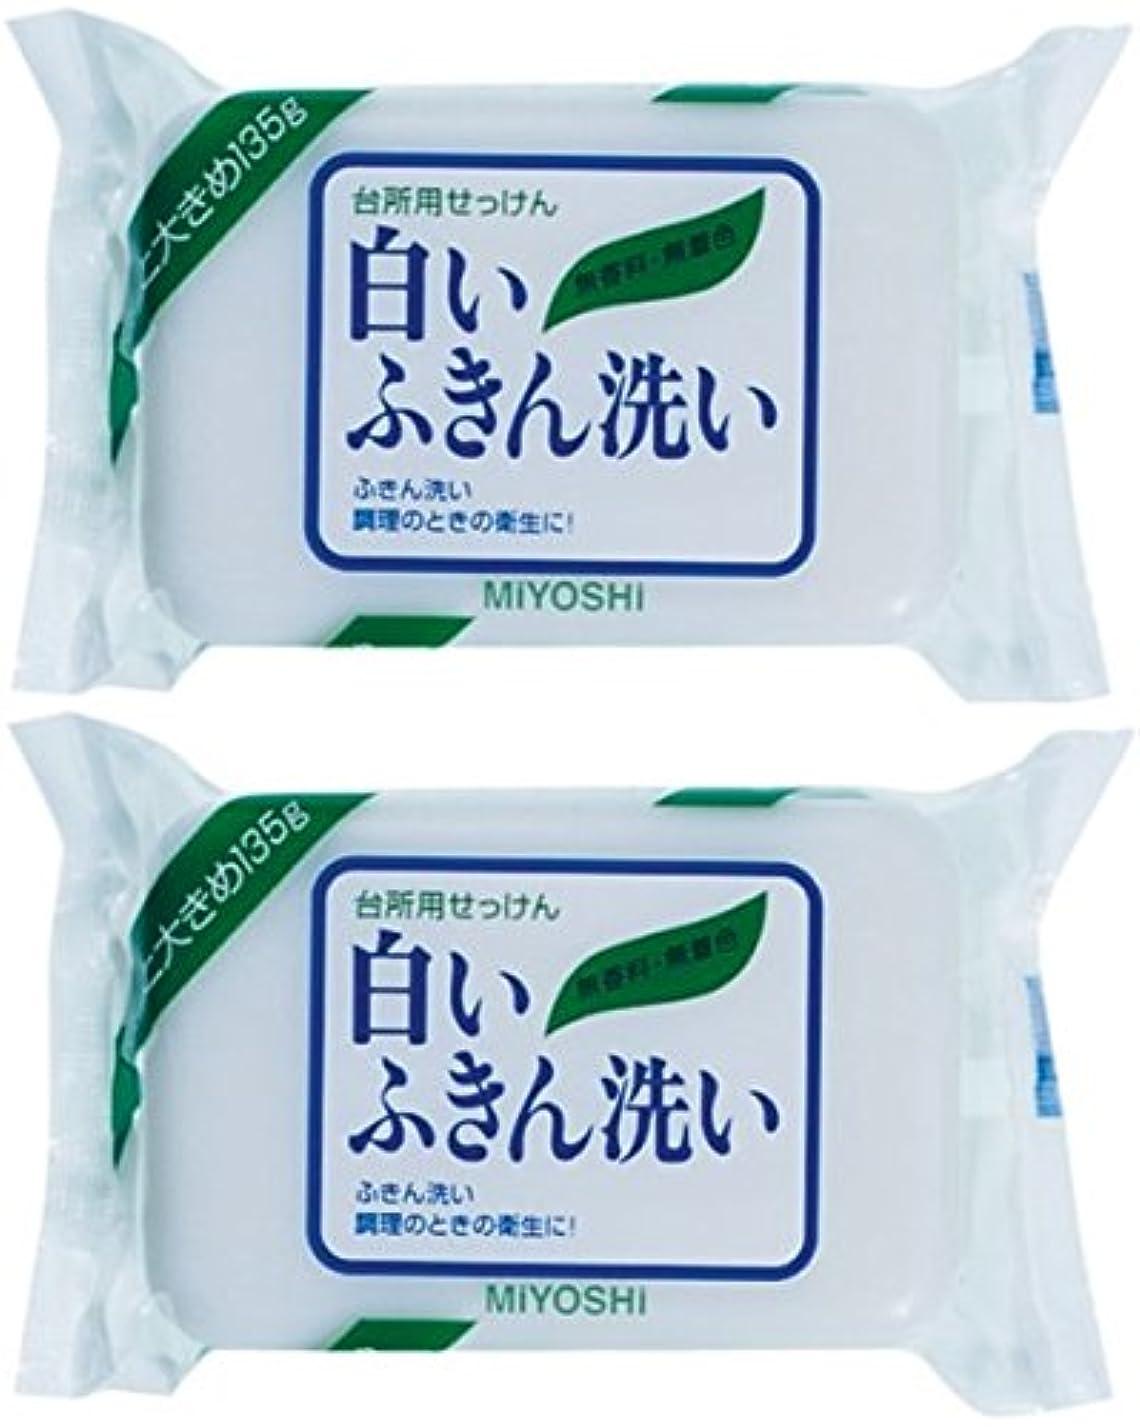 イースター所属レース【まとめ買い】ミヨシ 白いふきん洗い せっけん 135g ×2セット